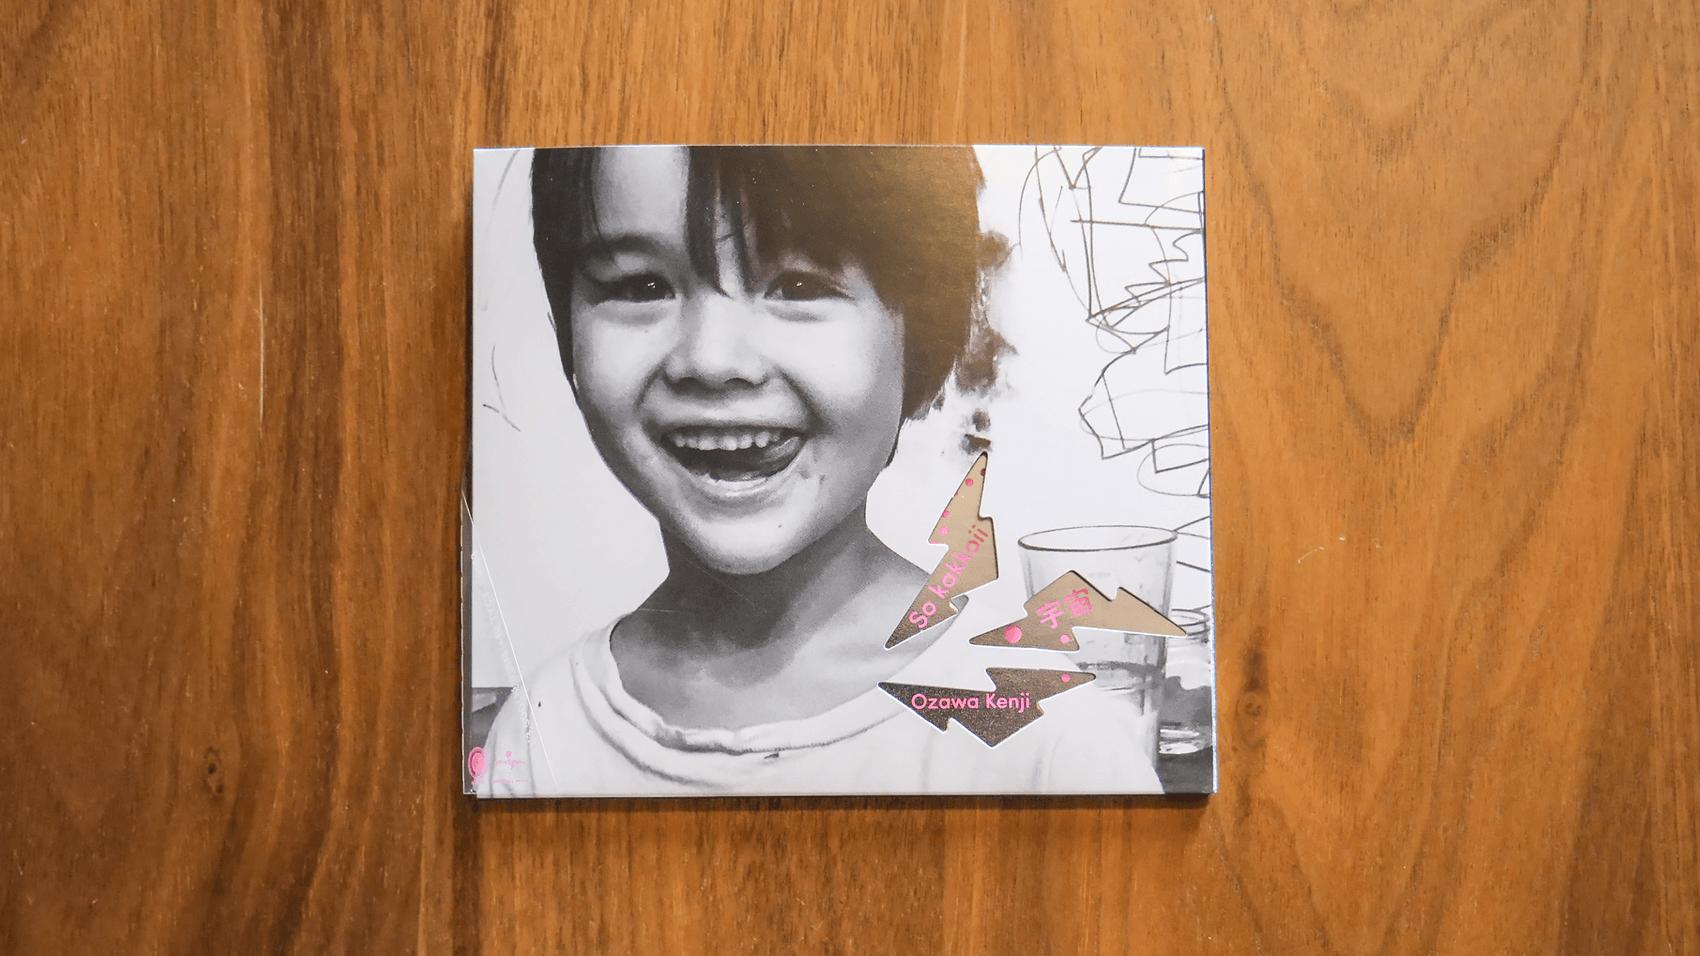 小沢健二の新しいアルバム「So kakkoii 宇宙」のジャケットデザインがすごすぎる